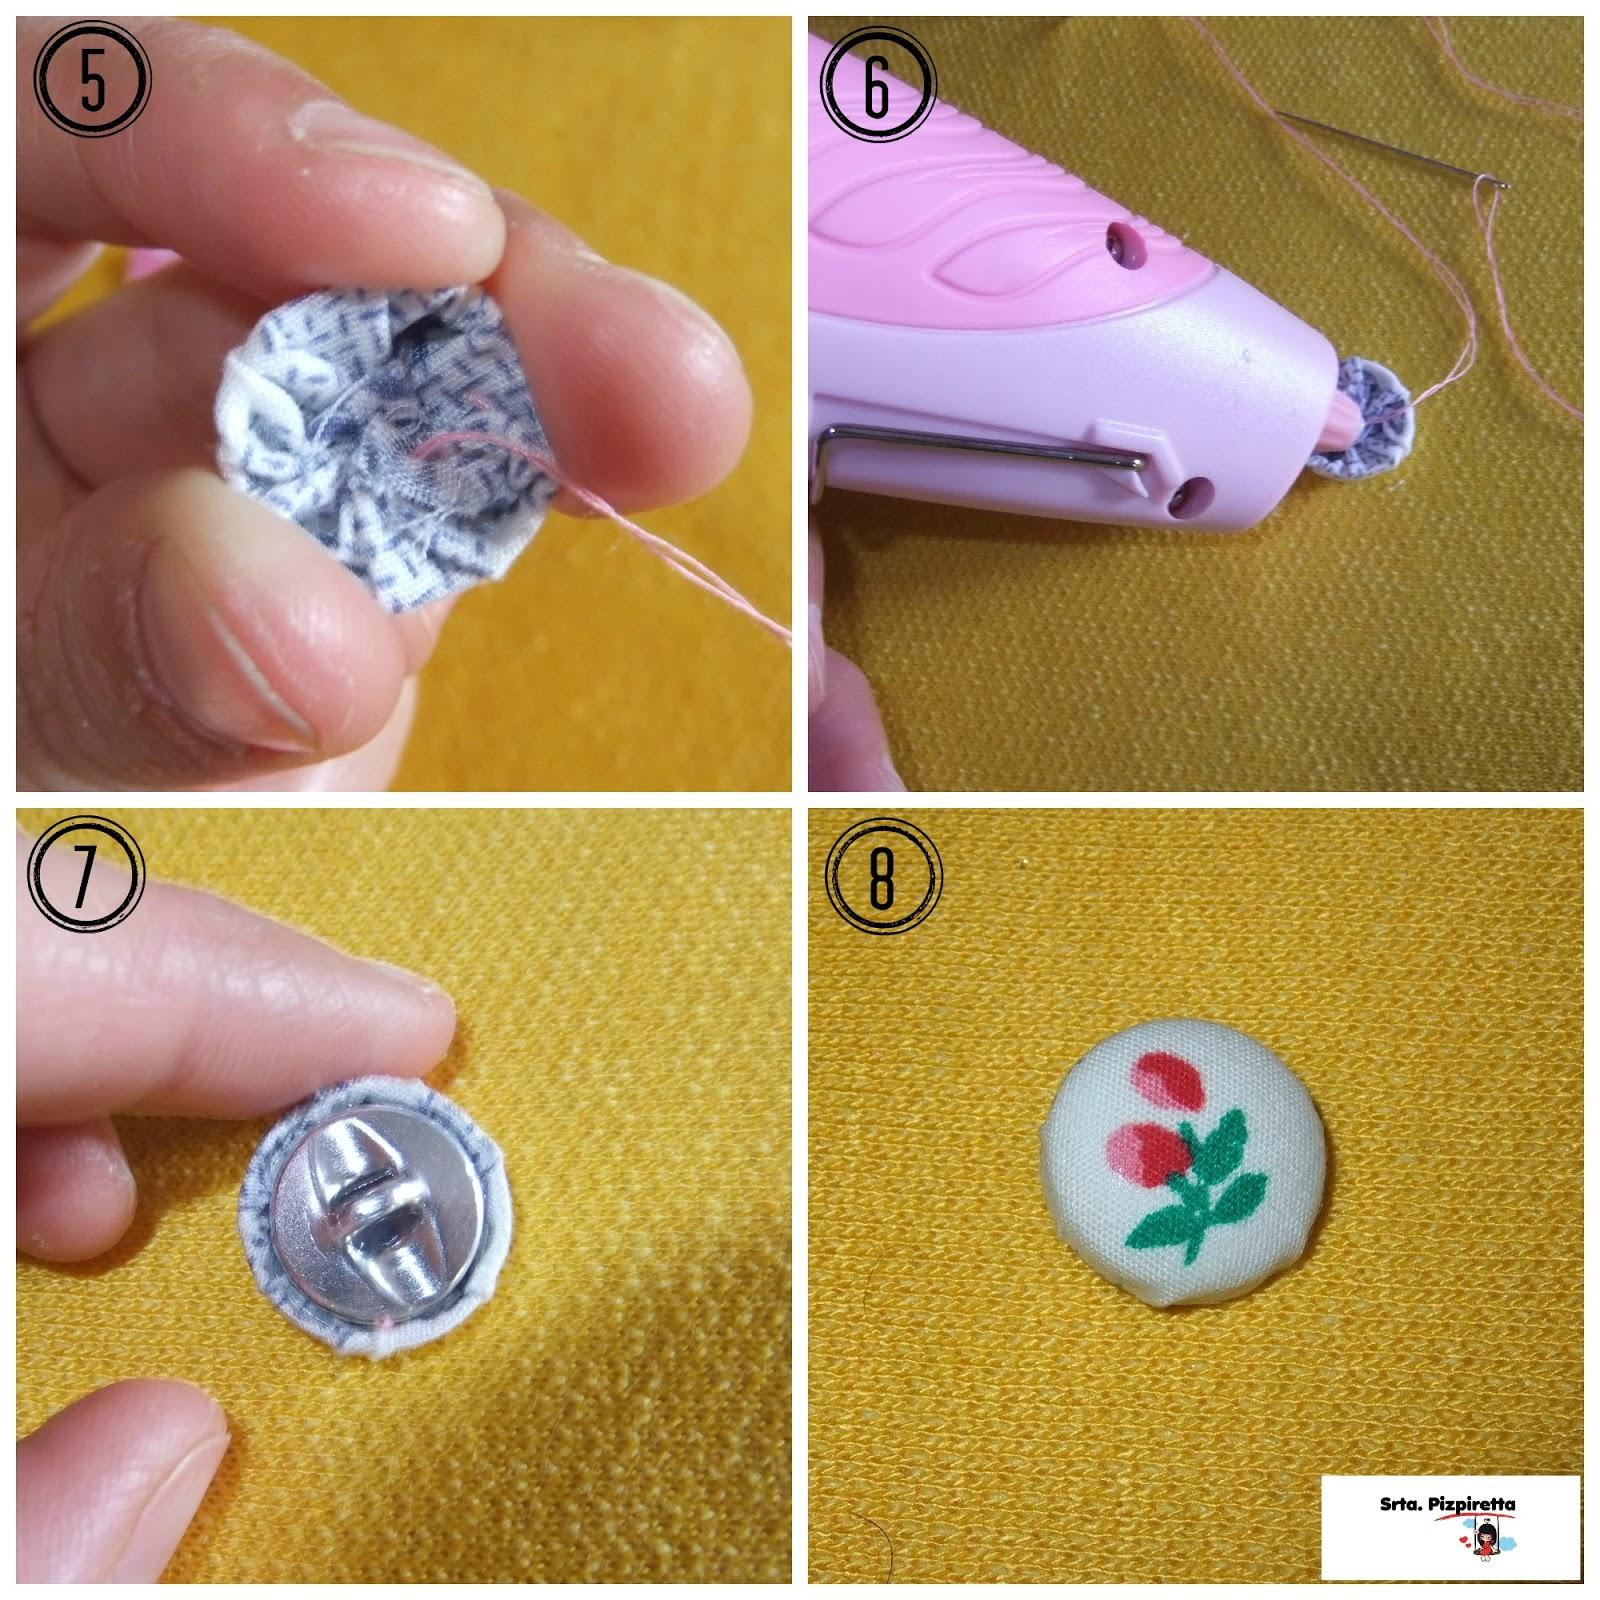 Srta pizpiretta tutorial como forrar botones sin - Botones para forrar ...